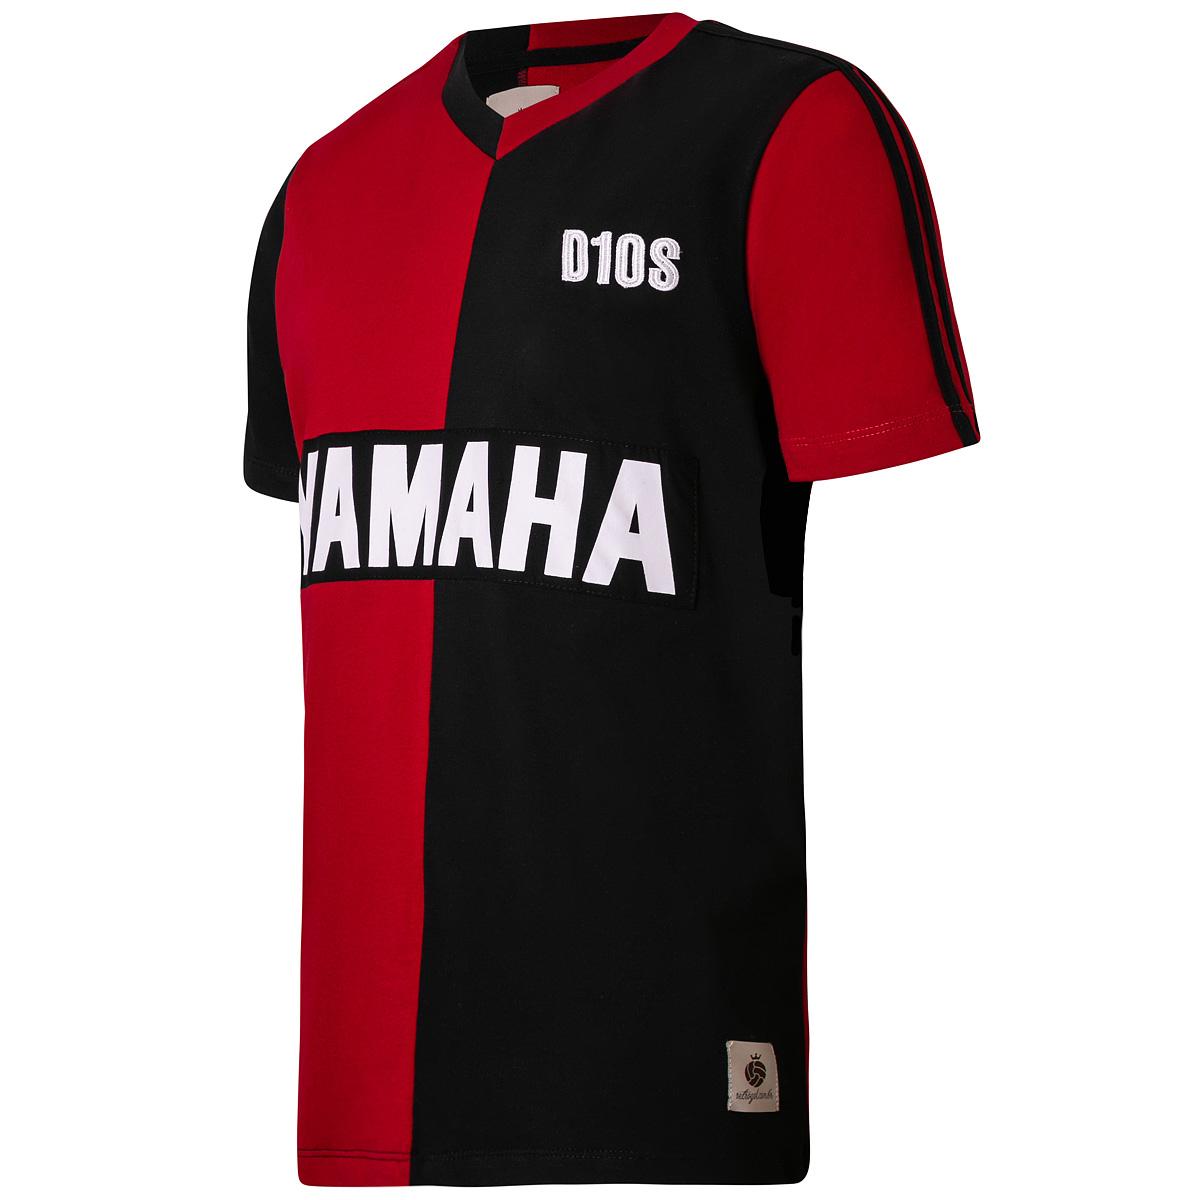 Camisa Newell's Old Boys Retrô Maradona Masculina